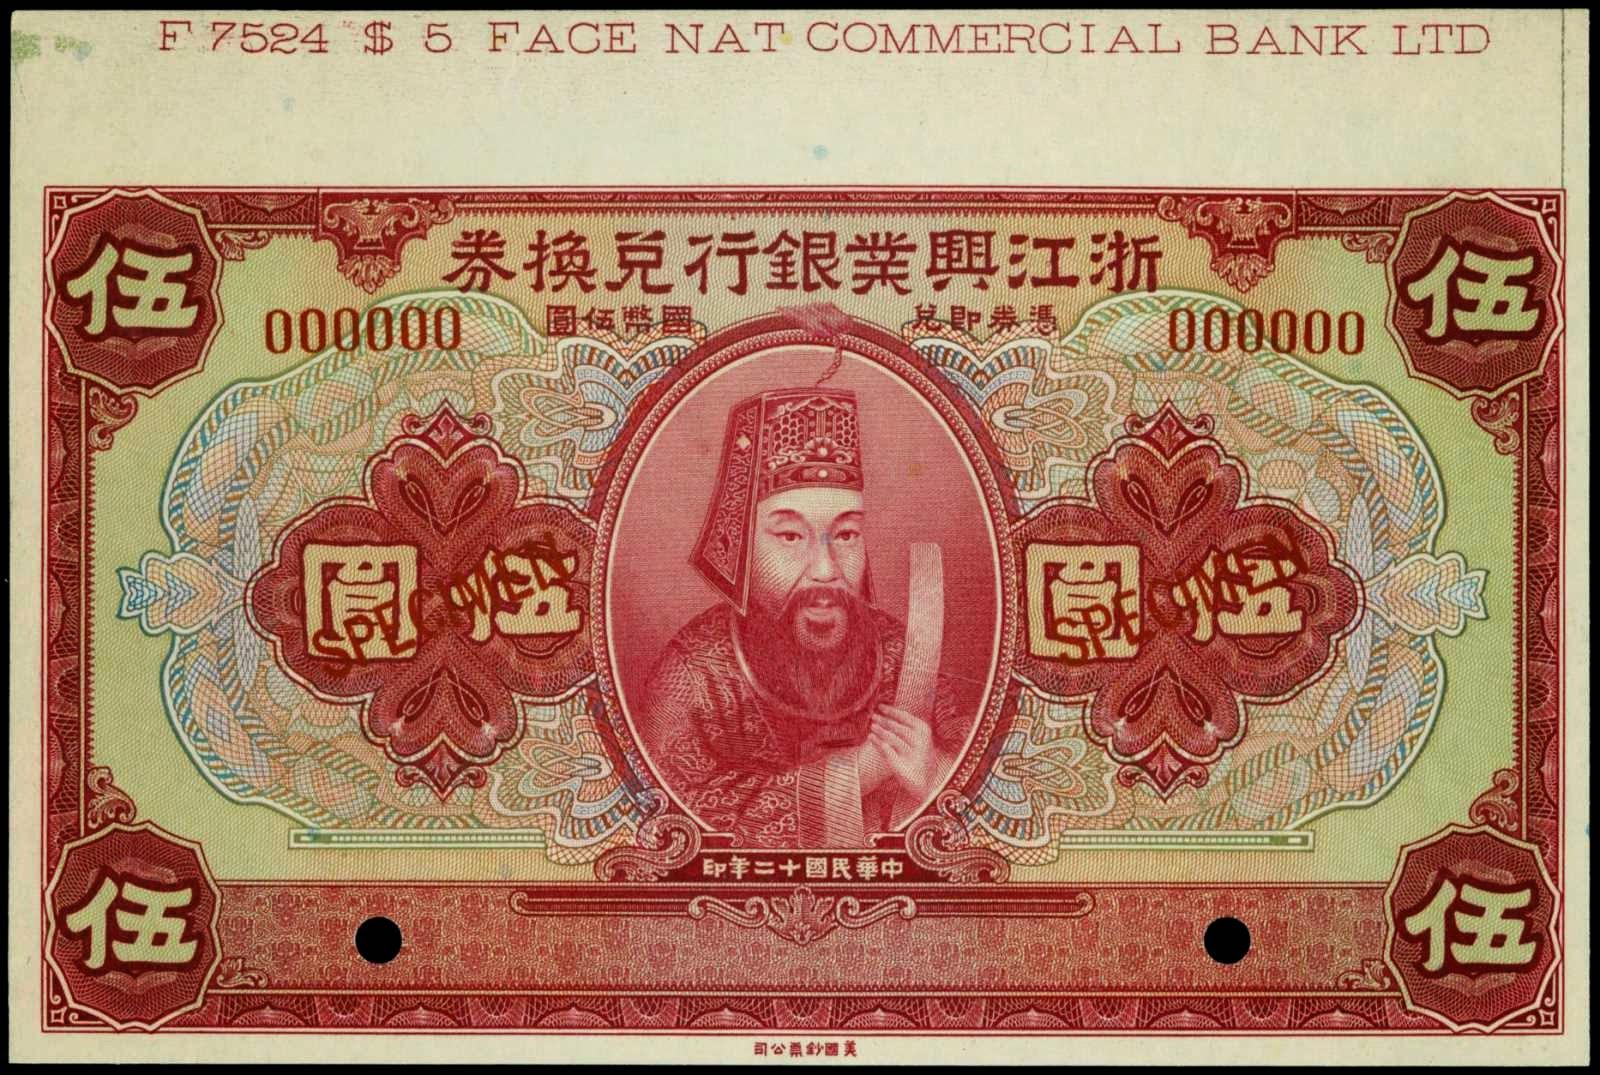 China Republic Banknotes Chinese Banks 5 Yuan Mandarin 1923 National Commercial Bank